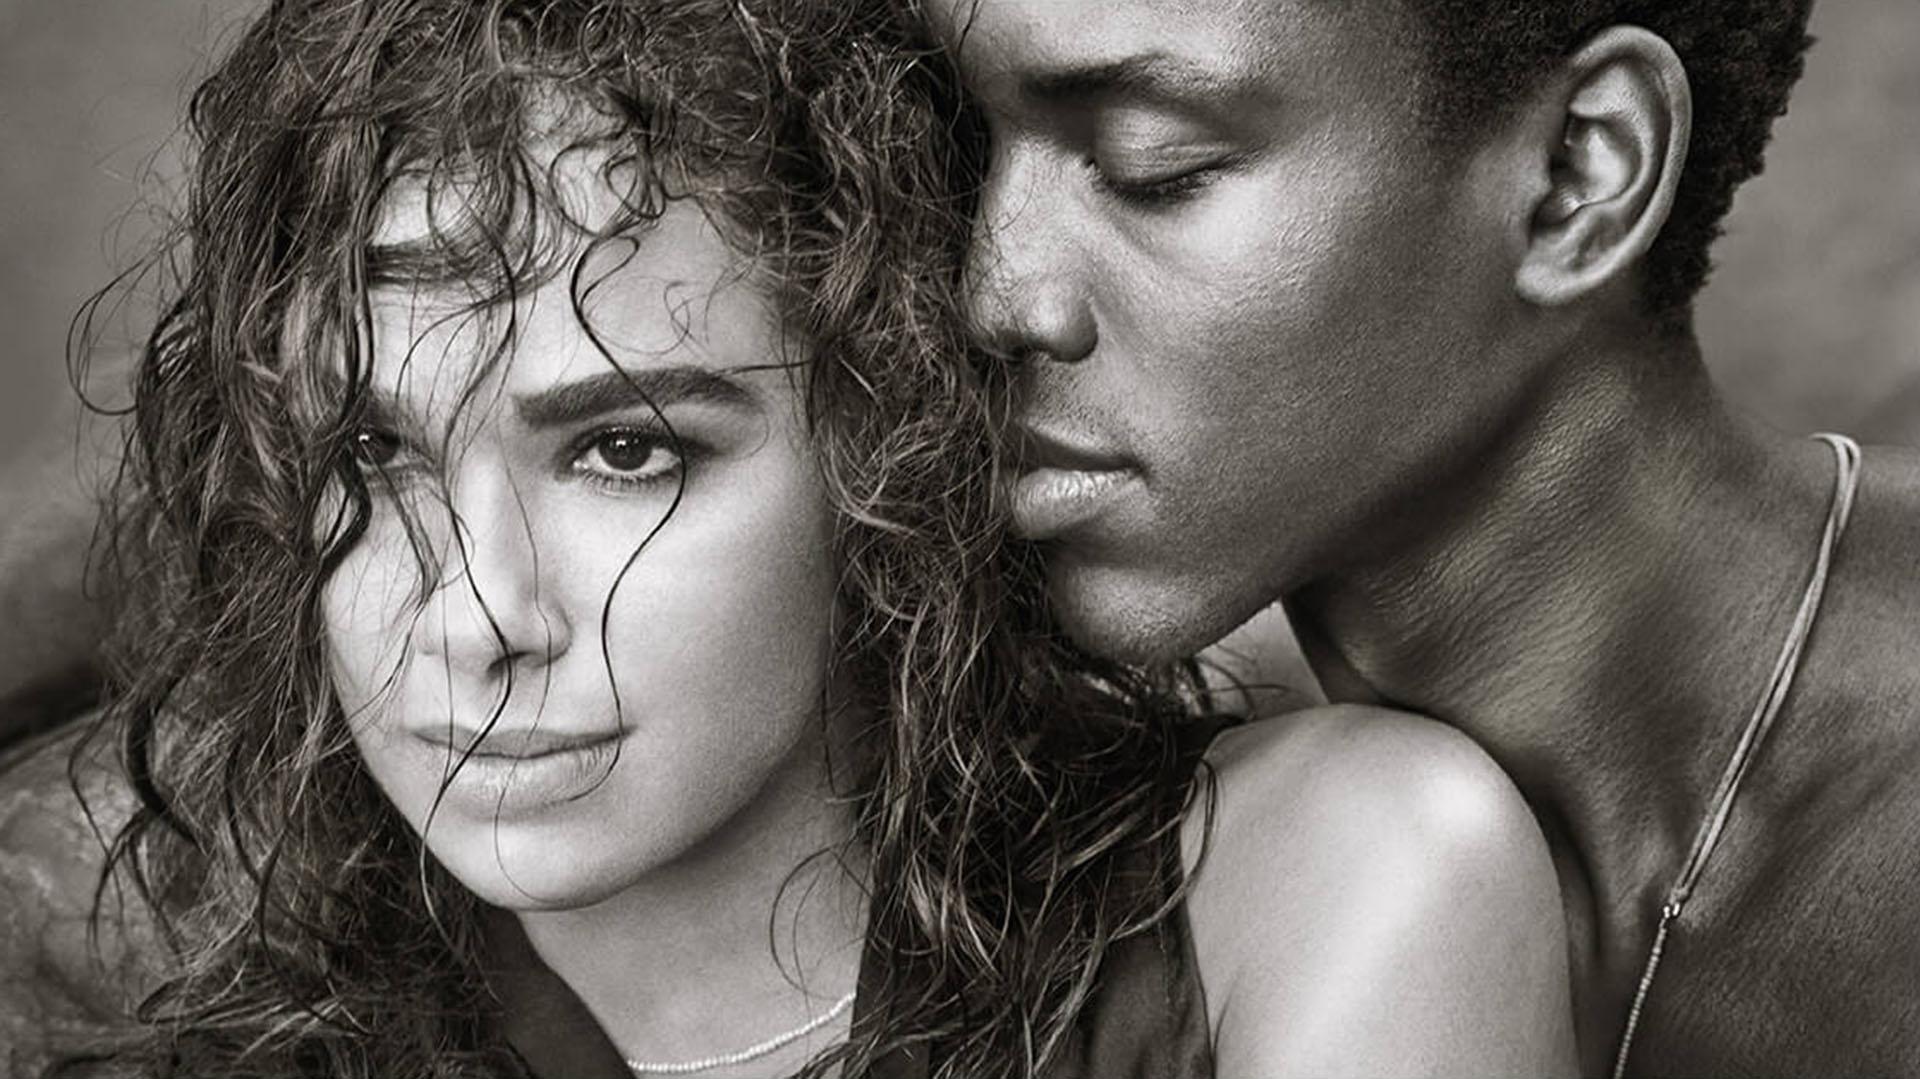 La bailarina Misty Copeland con su colega Calvin Royal III en blanco y negro